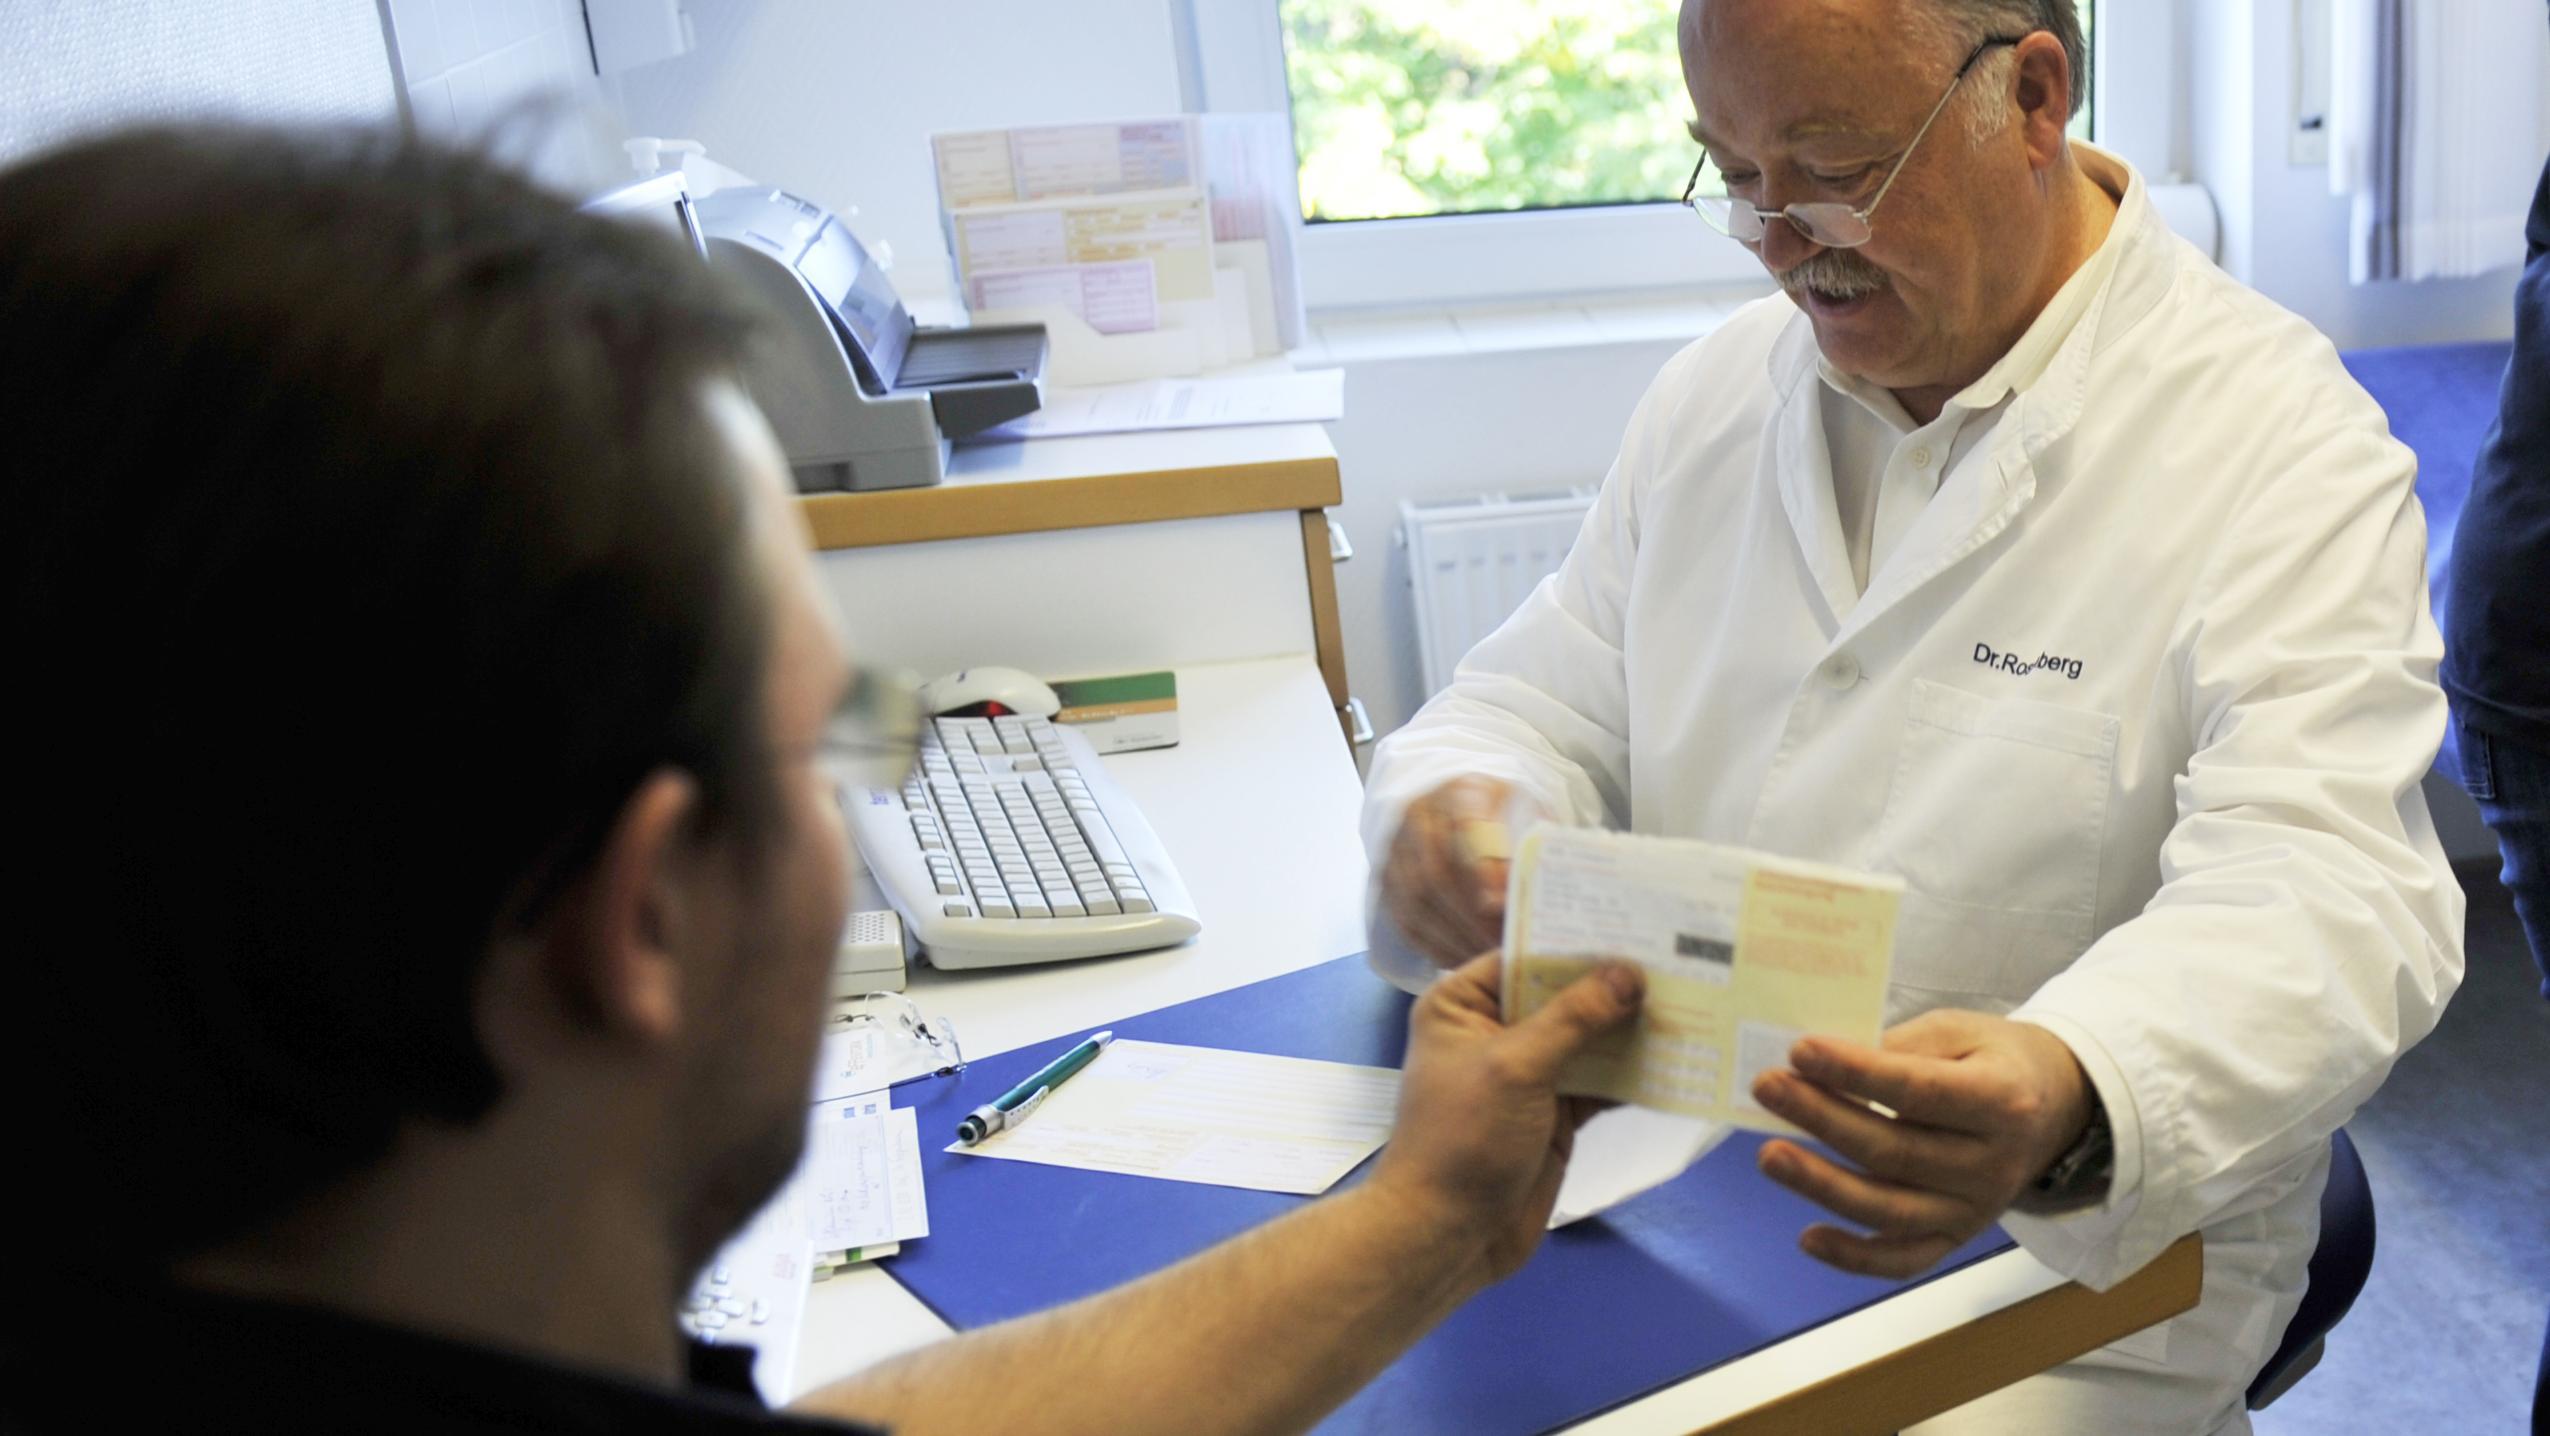 Ein Arzt gibt einem Patienten eine Arbeitsunfähigkeitsbescheinigung in die Hand.